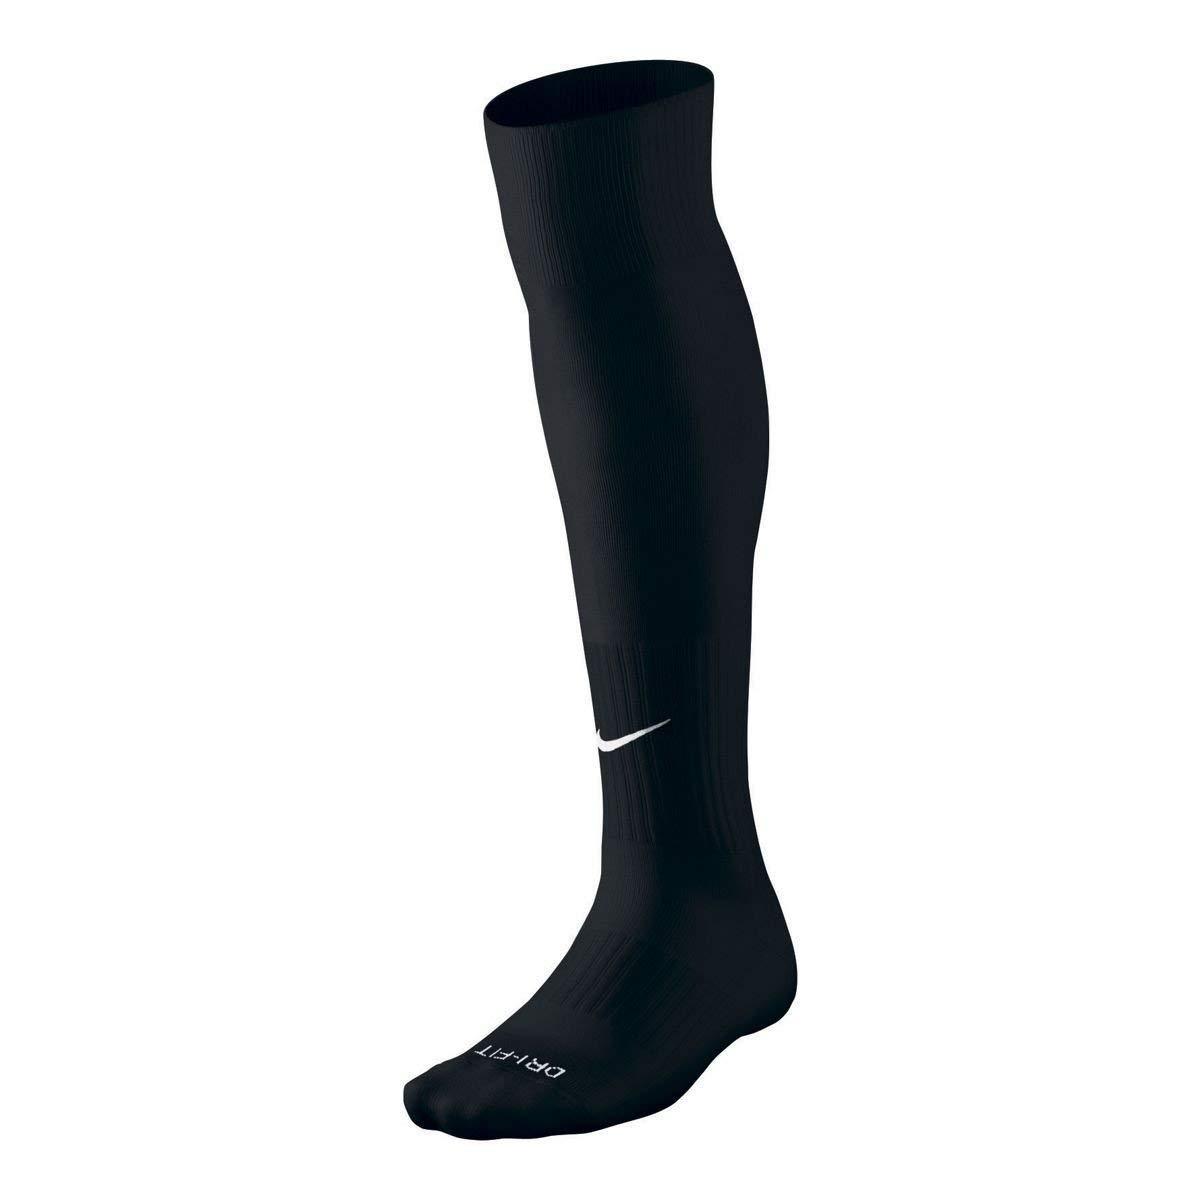 Nike Classic Black Socks